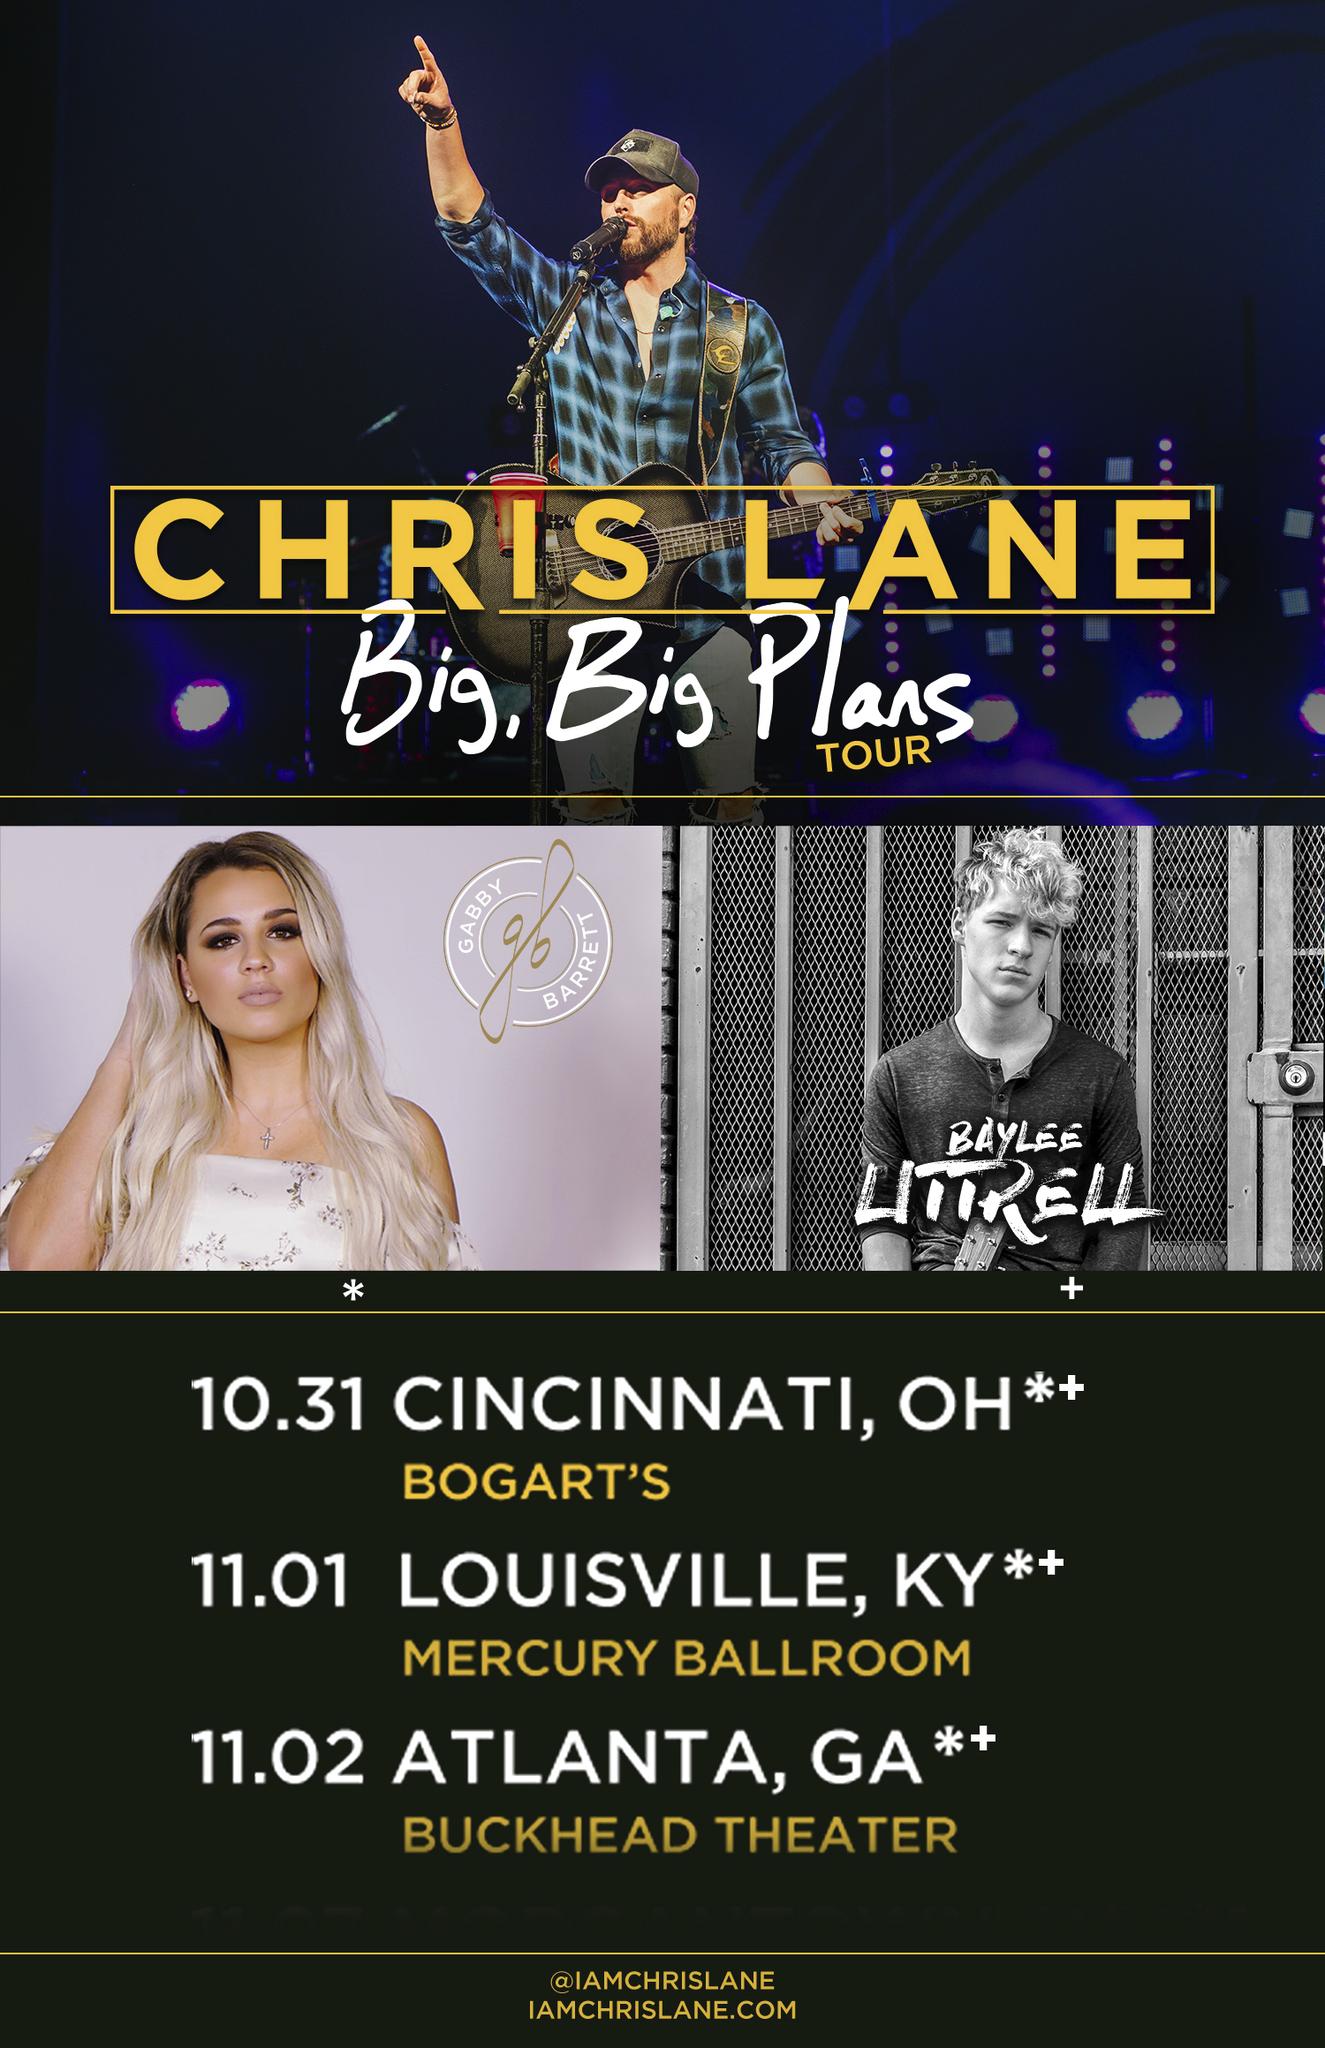 Baylee Joining Chris Lane on Big Big Plans Tour